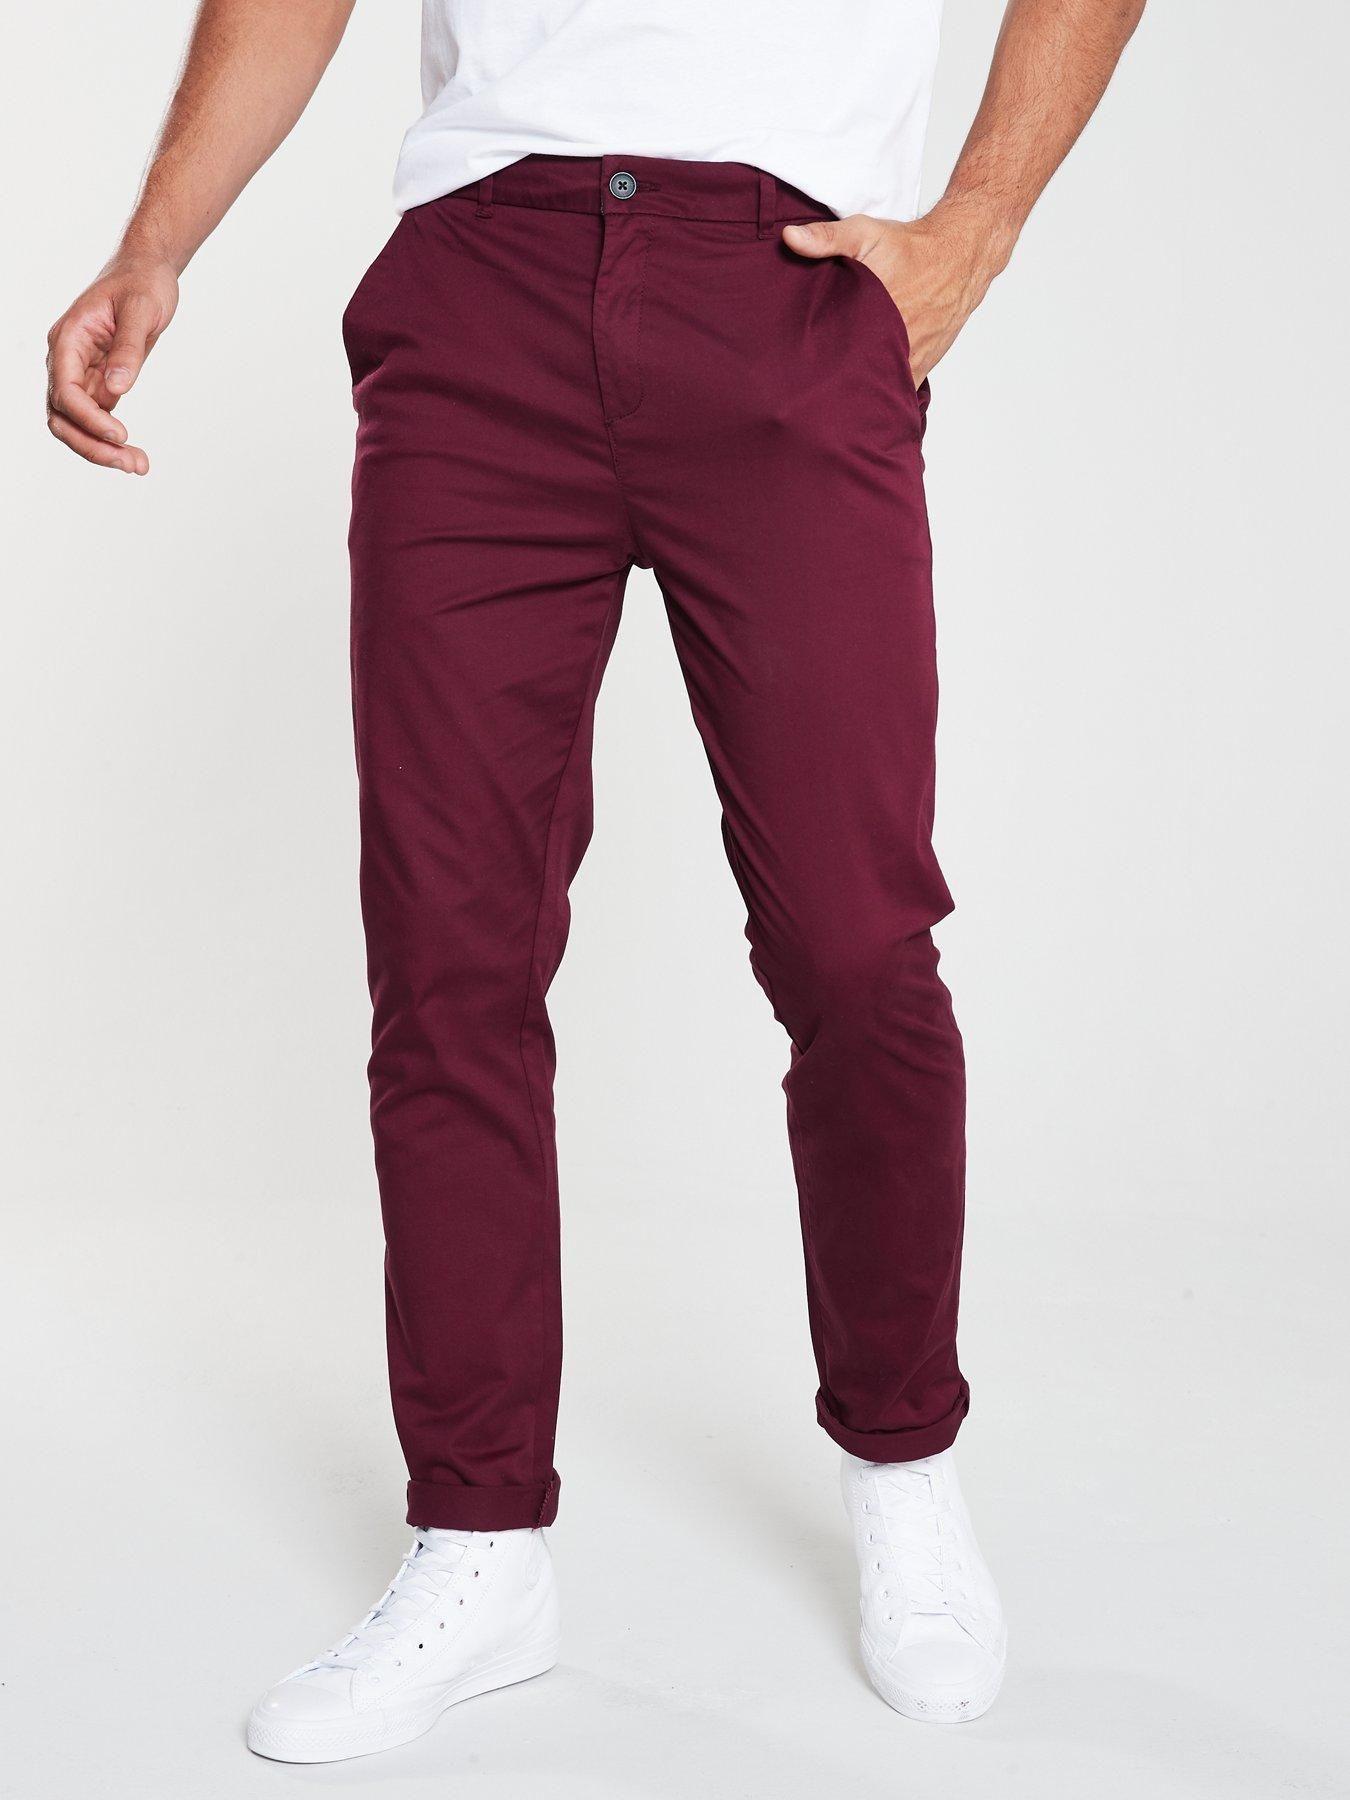 Mens Maroon Jeans